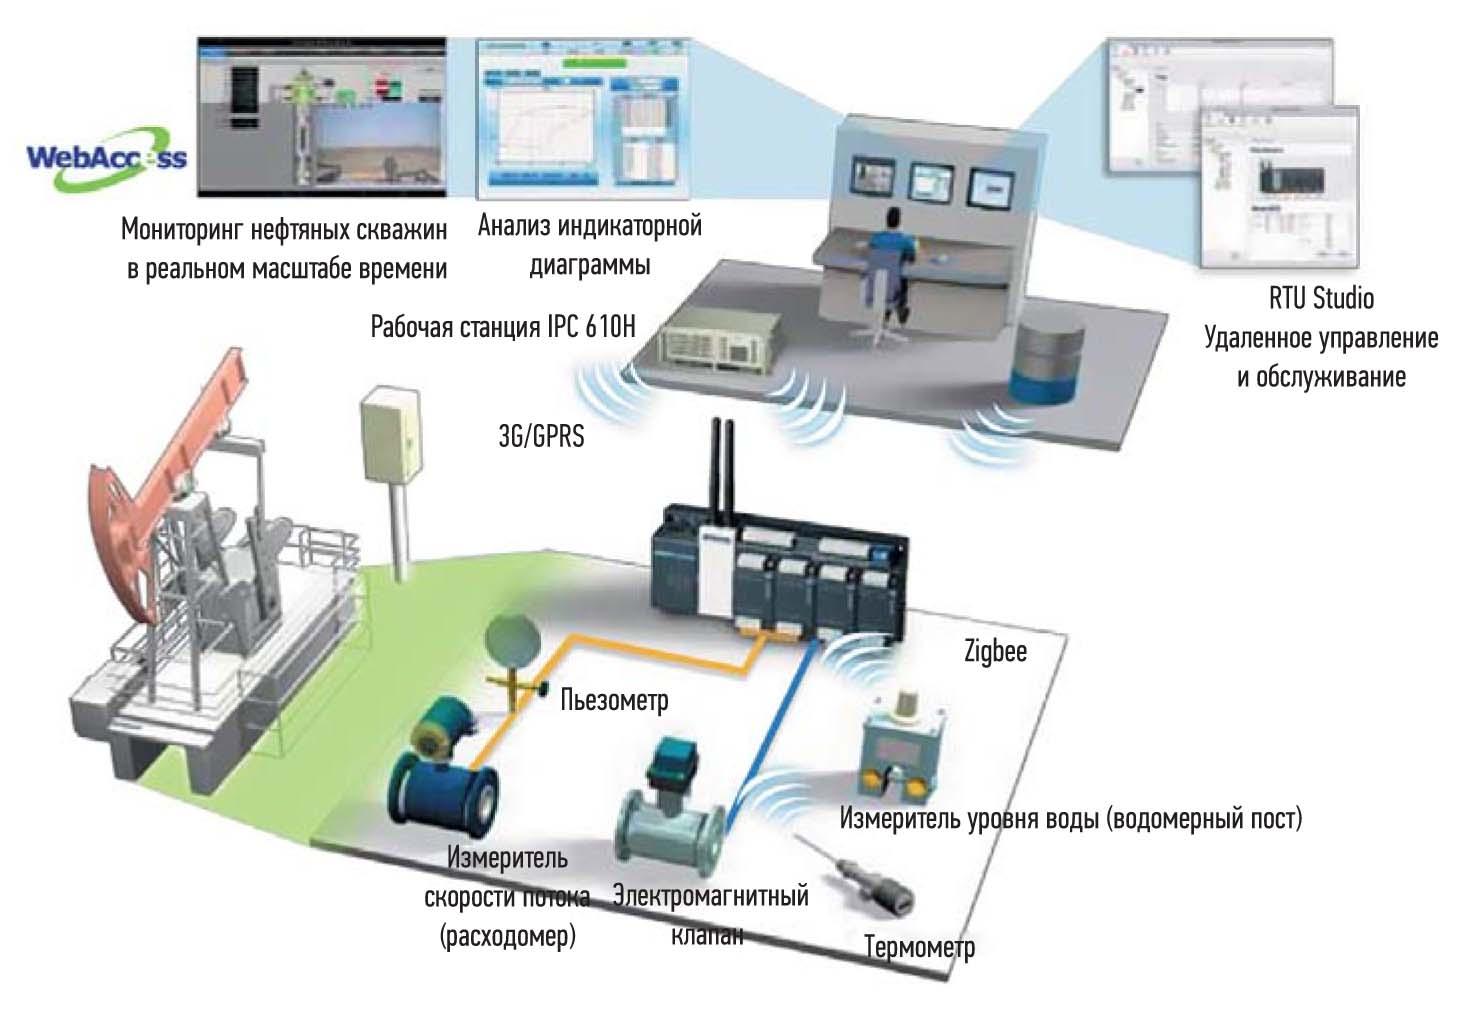 Использование ADAM-3600 в условиях цифрового нефтяного месторождения